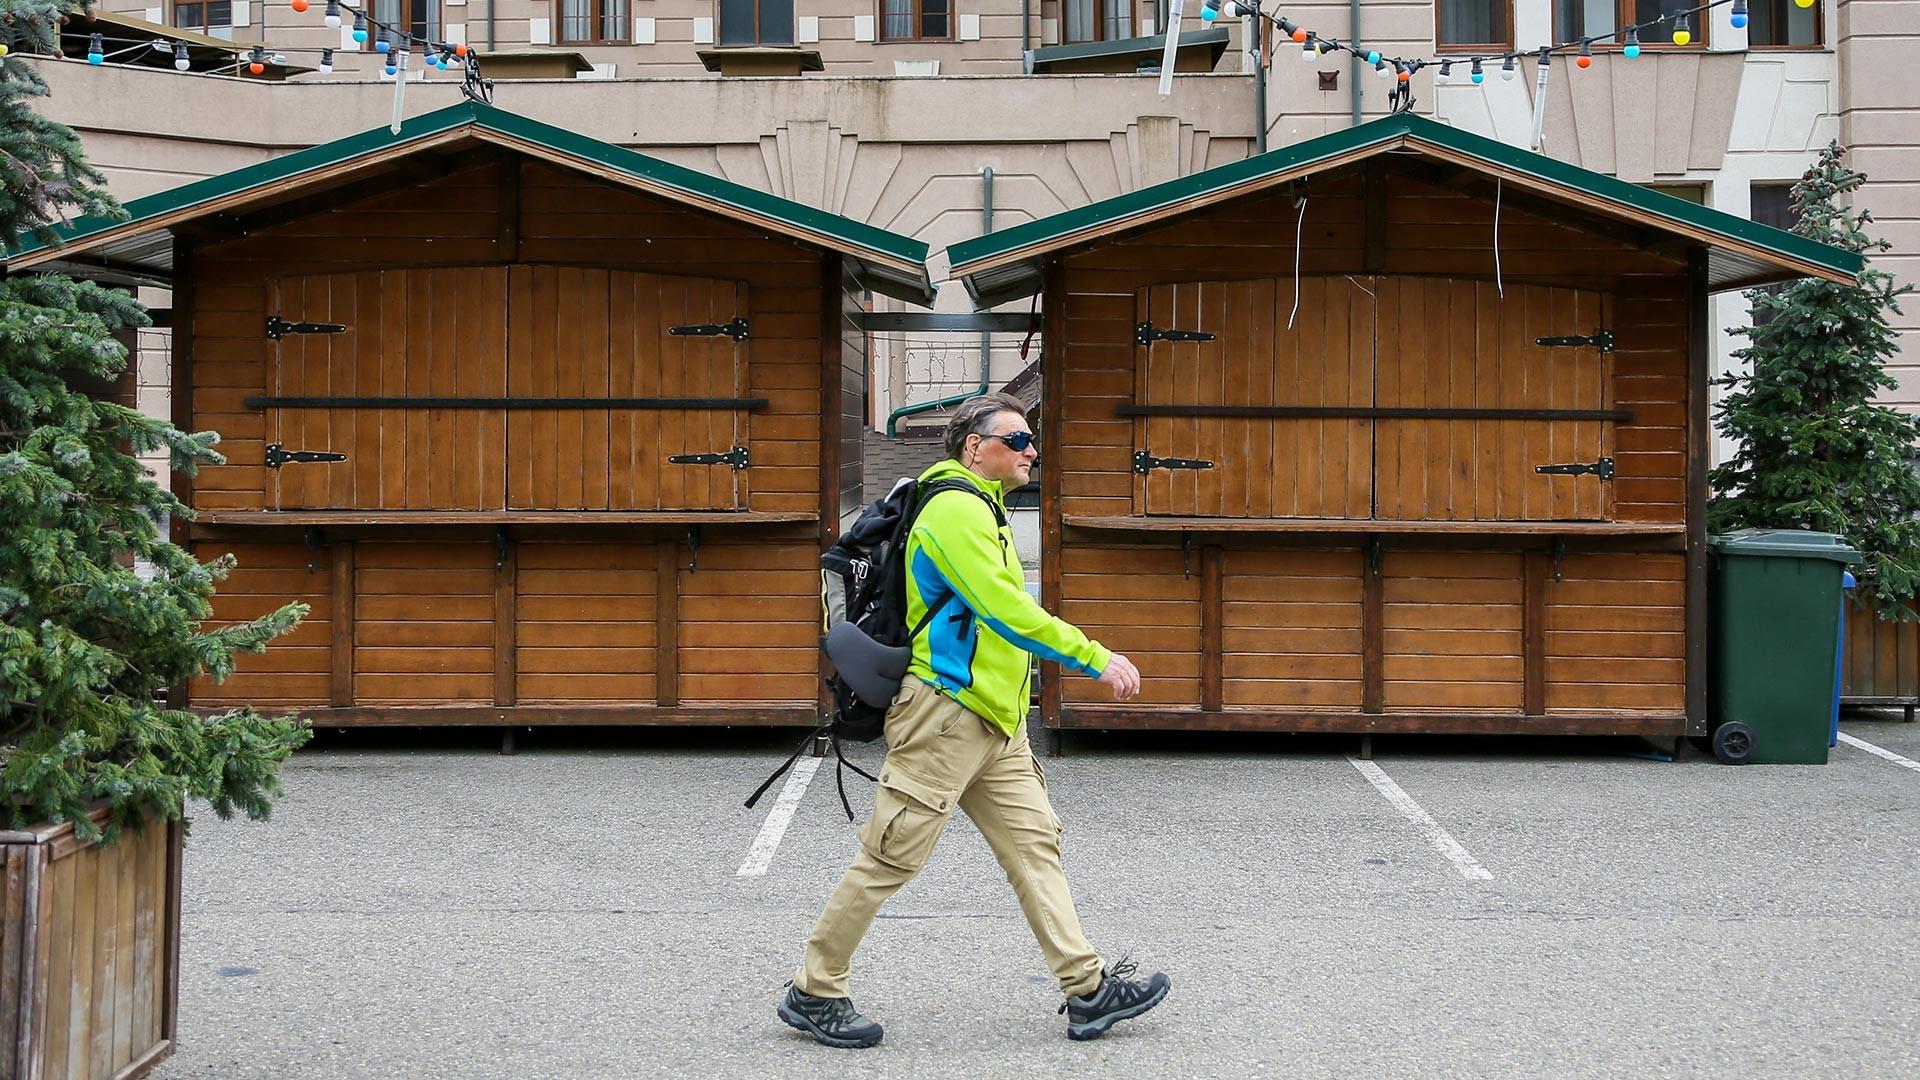 Estação de esqui Krásnaia Poliana não está mais recebendo turistas.